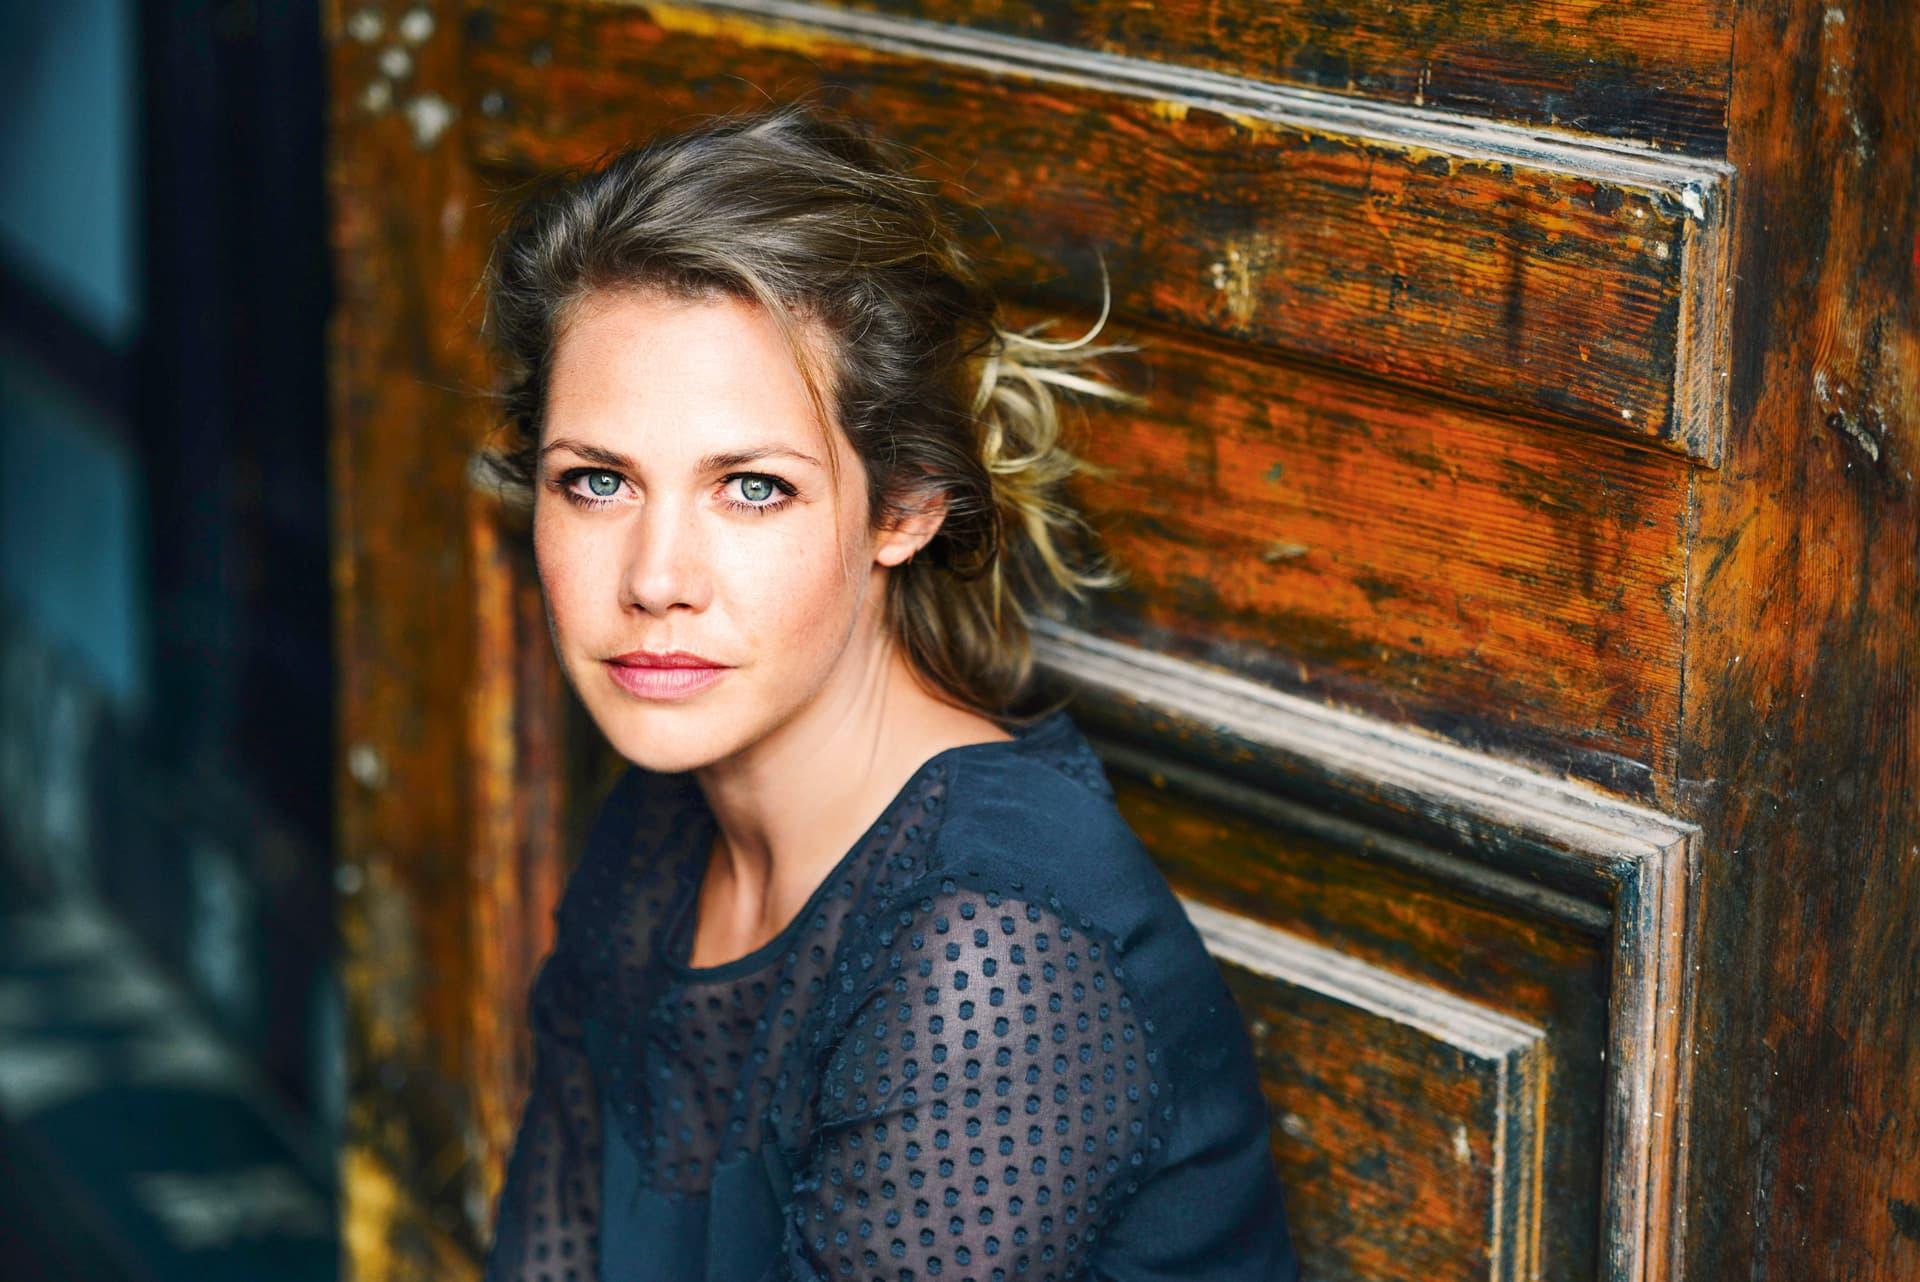 Die Schauspielerin Felicitas Woll blickt, vor einer alten Holztür sitzend, in die Kamera.